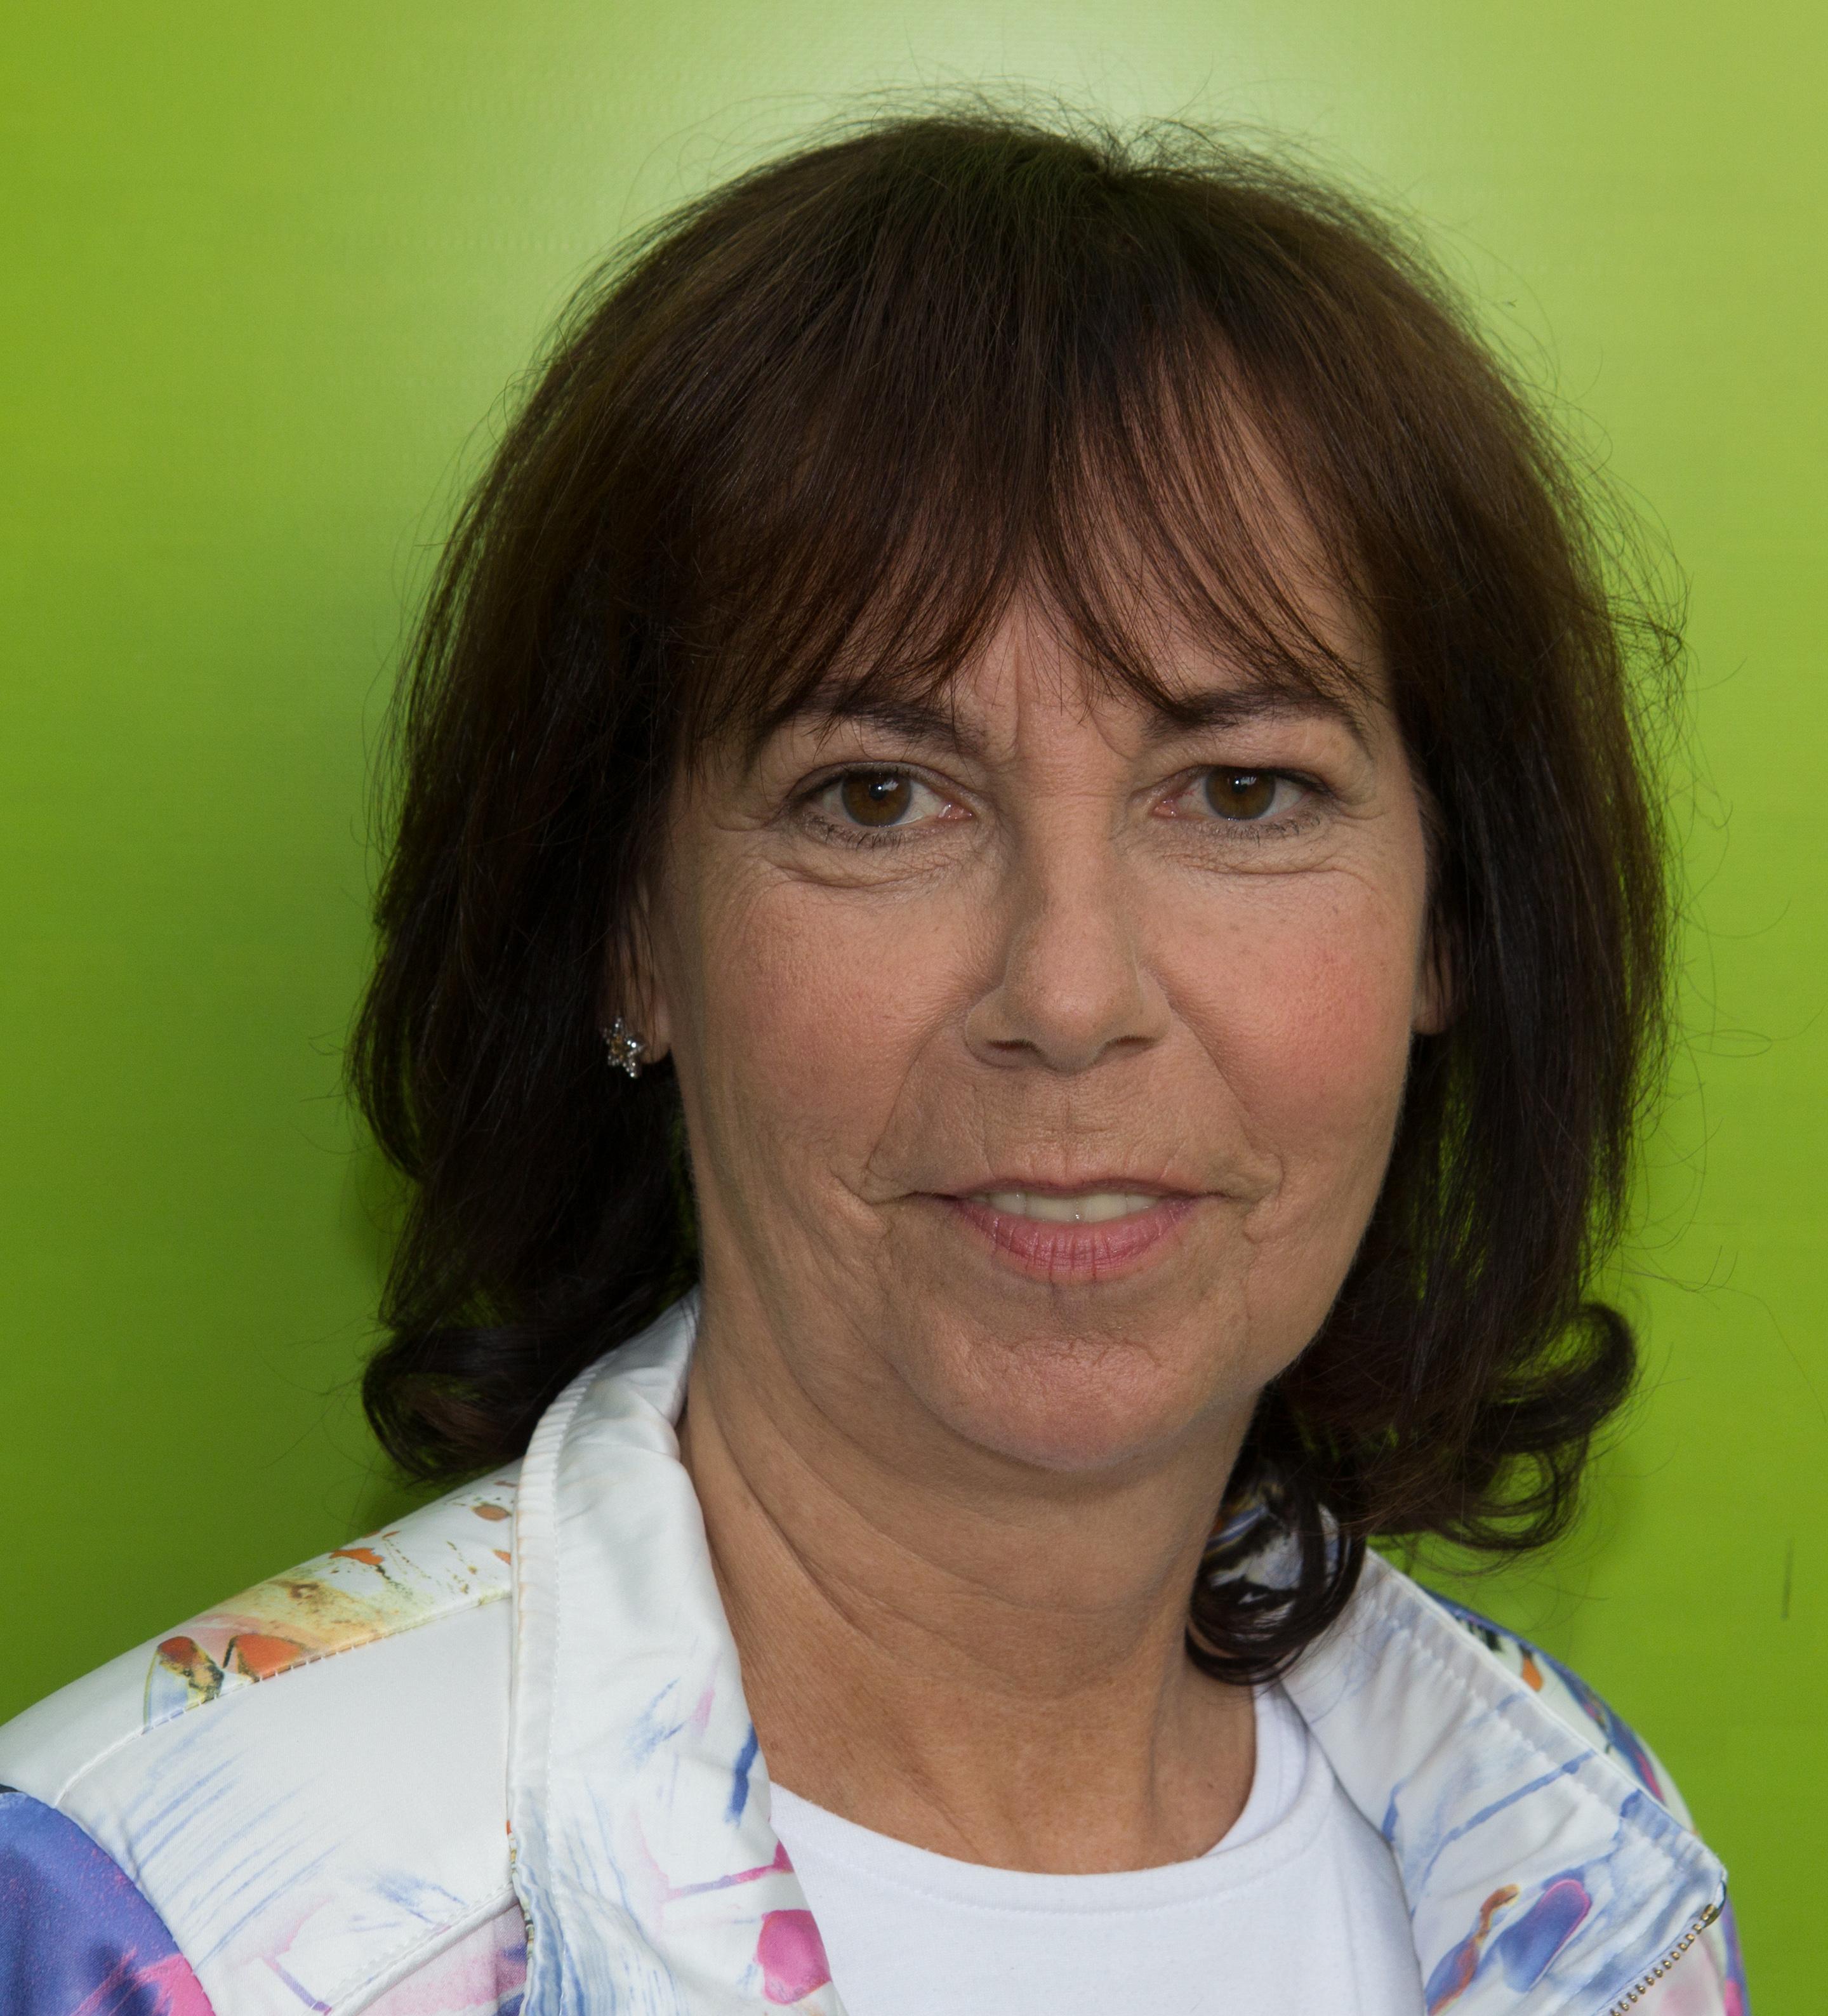 Sabine Topperwien Wikipedia